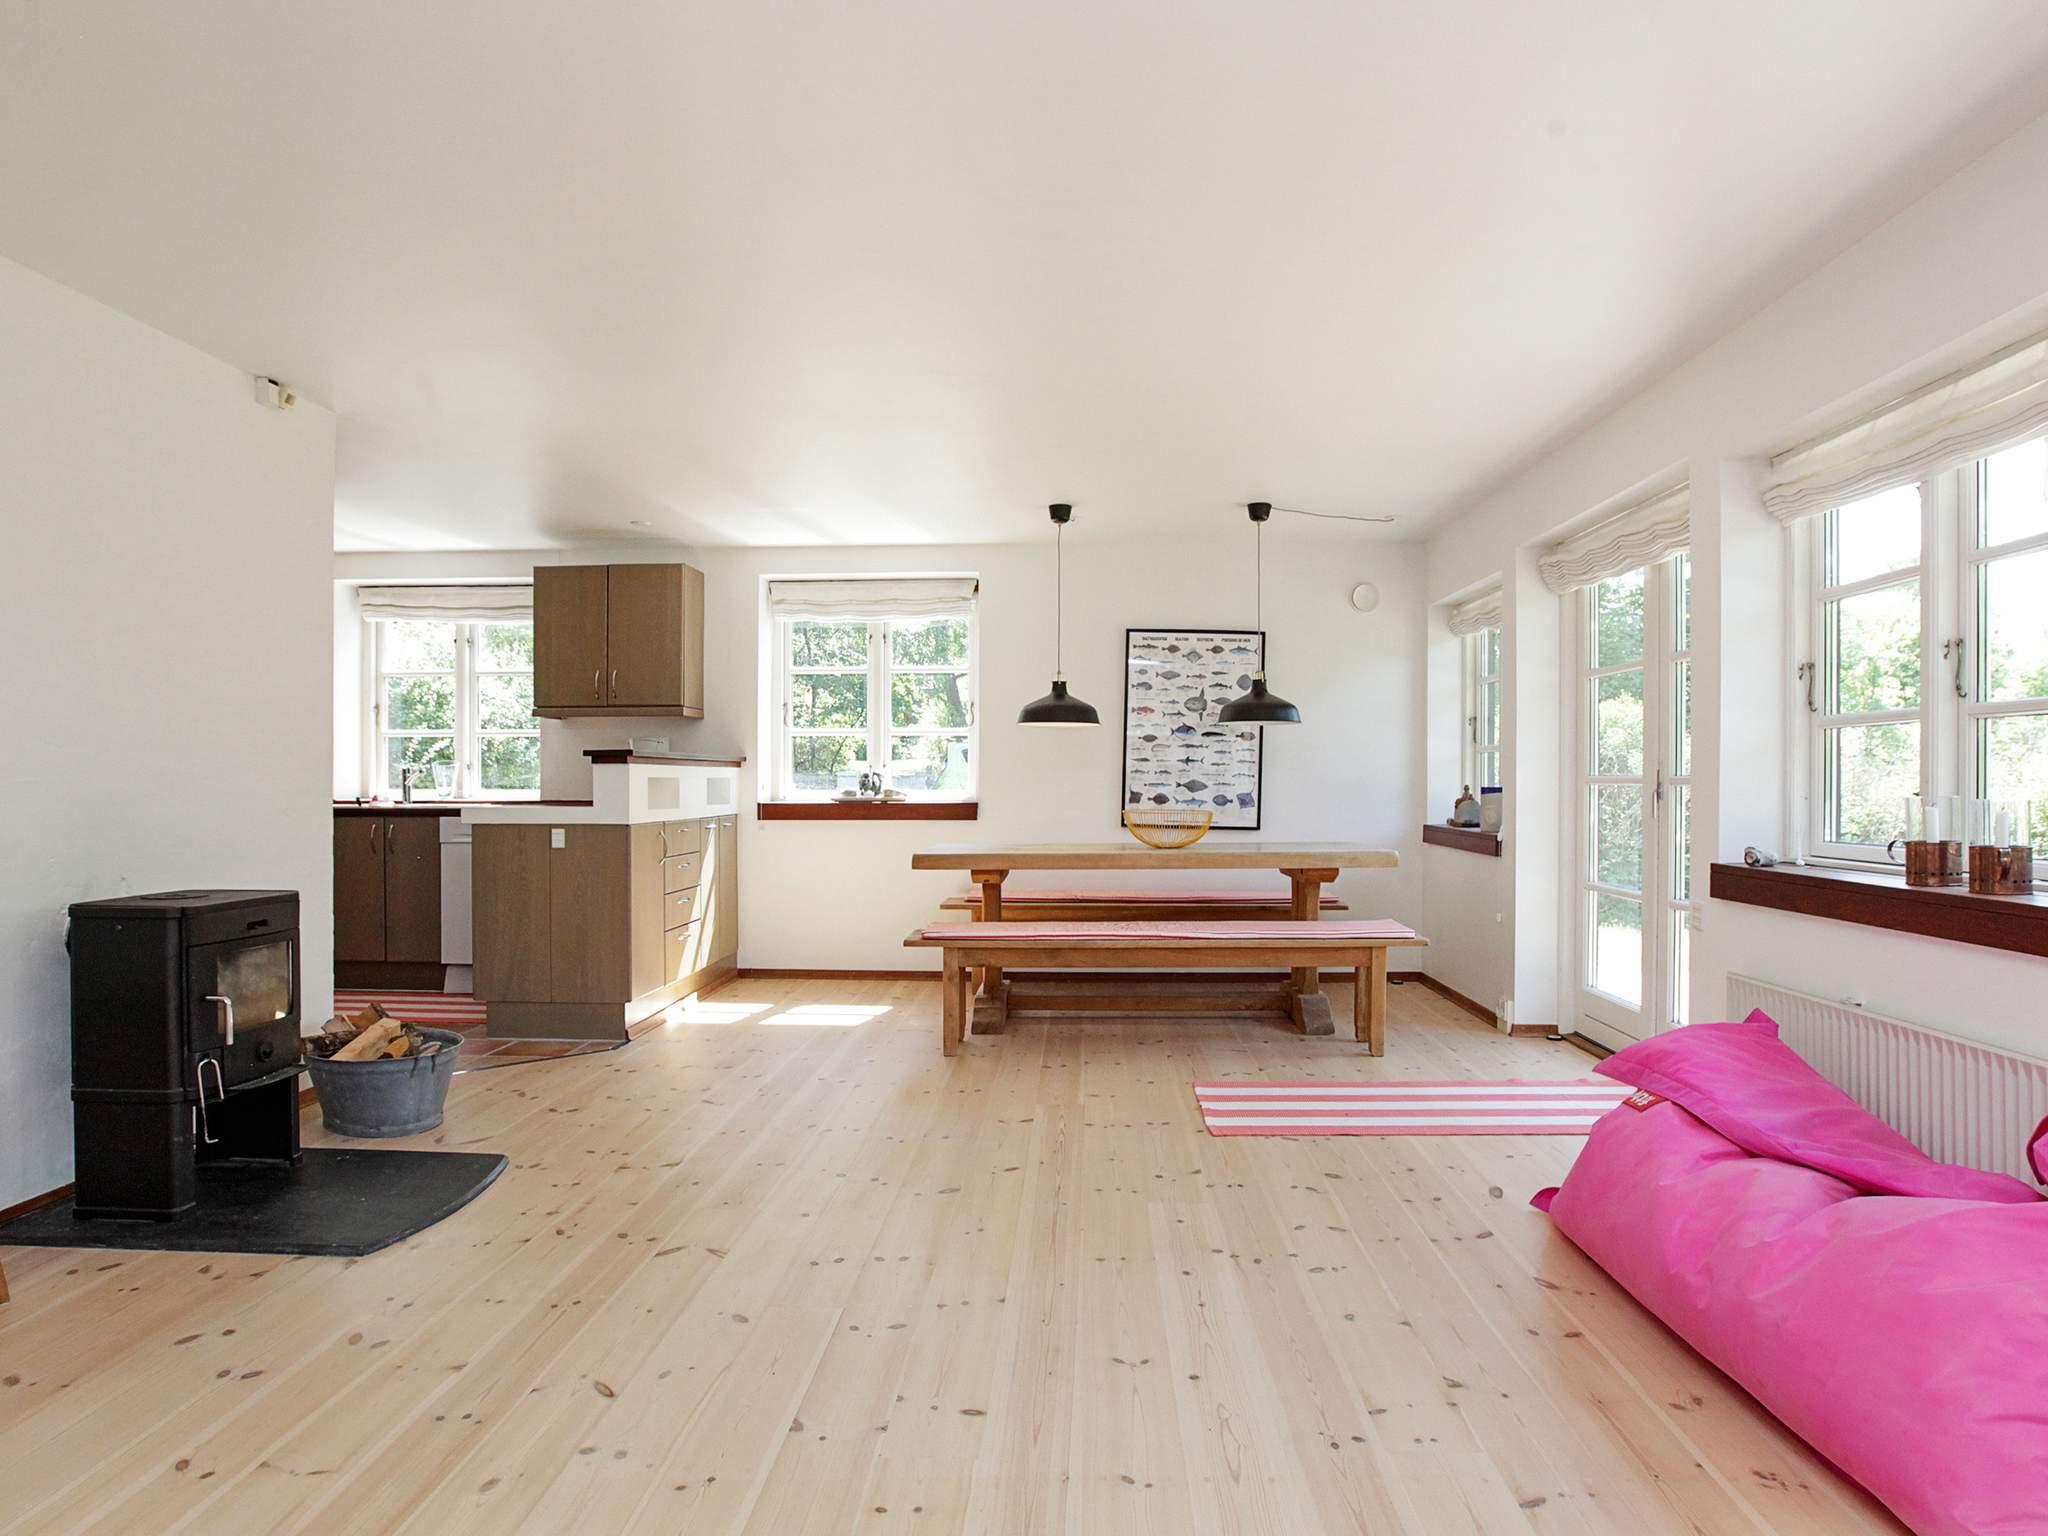 Ferienhaus Udsholt Strand (2417490), Udsholt, , Nordseeland, Dänemark, Bild 6